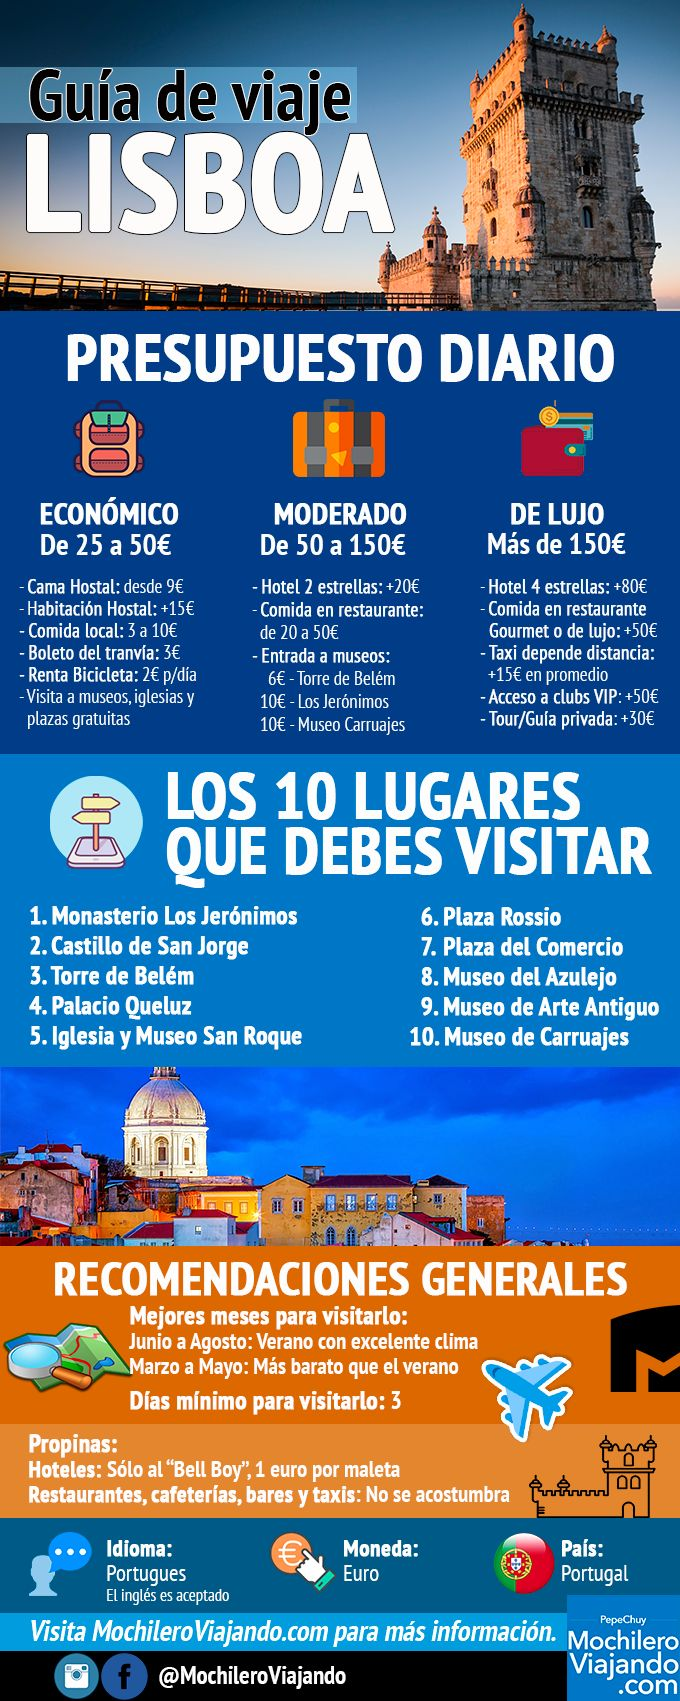 En esta Infografía con la Guía de Viaje a Lisboa, encontrarás todo lo que necesitas saber para organizar tu visita: presupuesto, lugares que debes visitar, propinas, transporte y mucho más, todo en una sola imagen. #mochilero #viajero #lisboa #portugal #lisbon #europa #viaje #GuiaDeViaje #torrebelem #travel #travelblog #travelblogger #viajarsolo #monasterio #castillo #palacio #museo #iglesia #traveltips #infografía #europe #palacioqueluz #museodelazulejo #lujo #luxury #travelingeurope